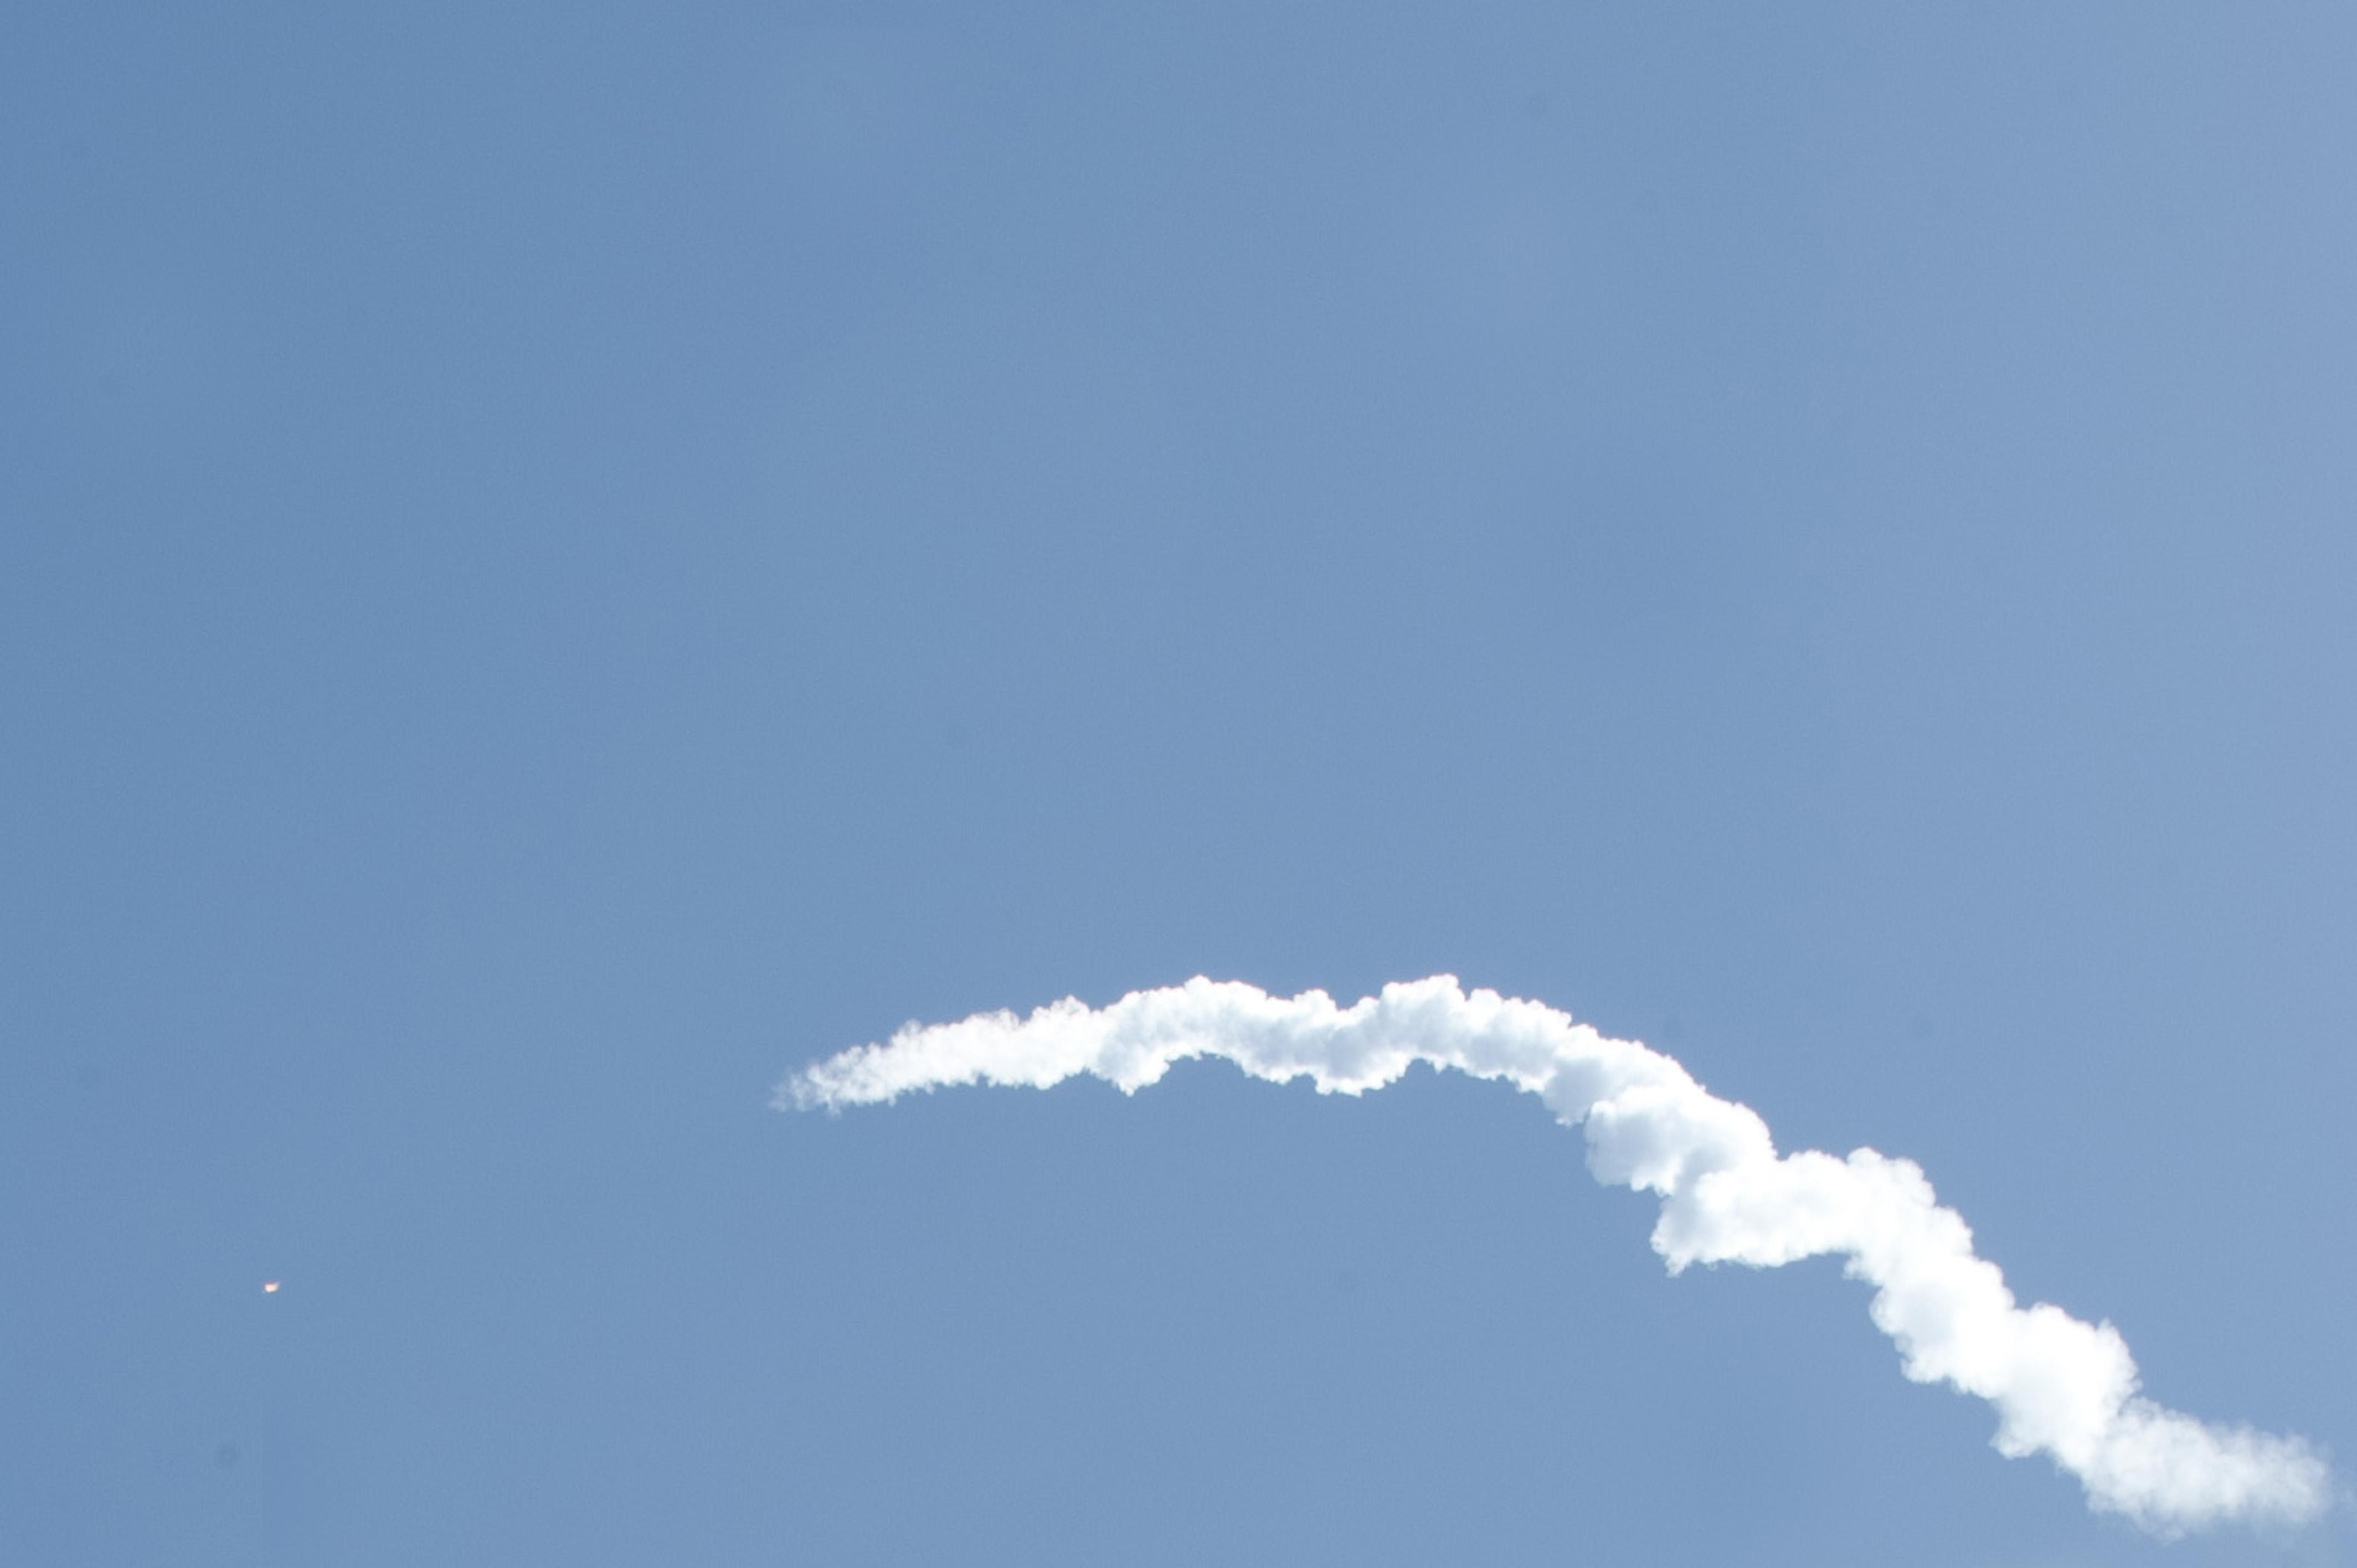 Vandenberg's 5th Atlas V Lifts Off